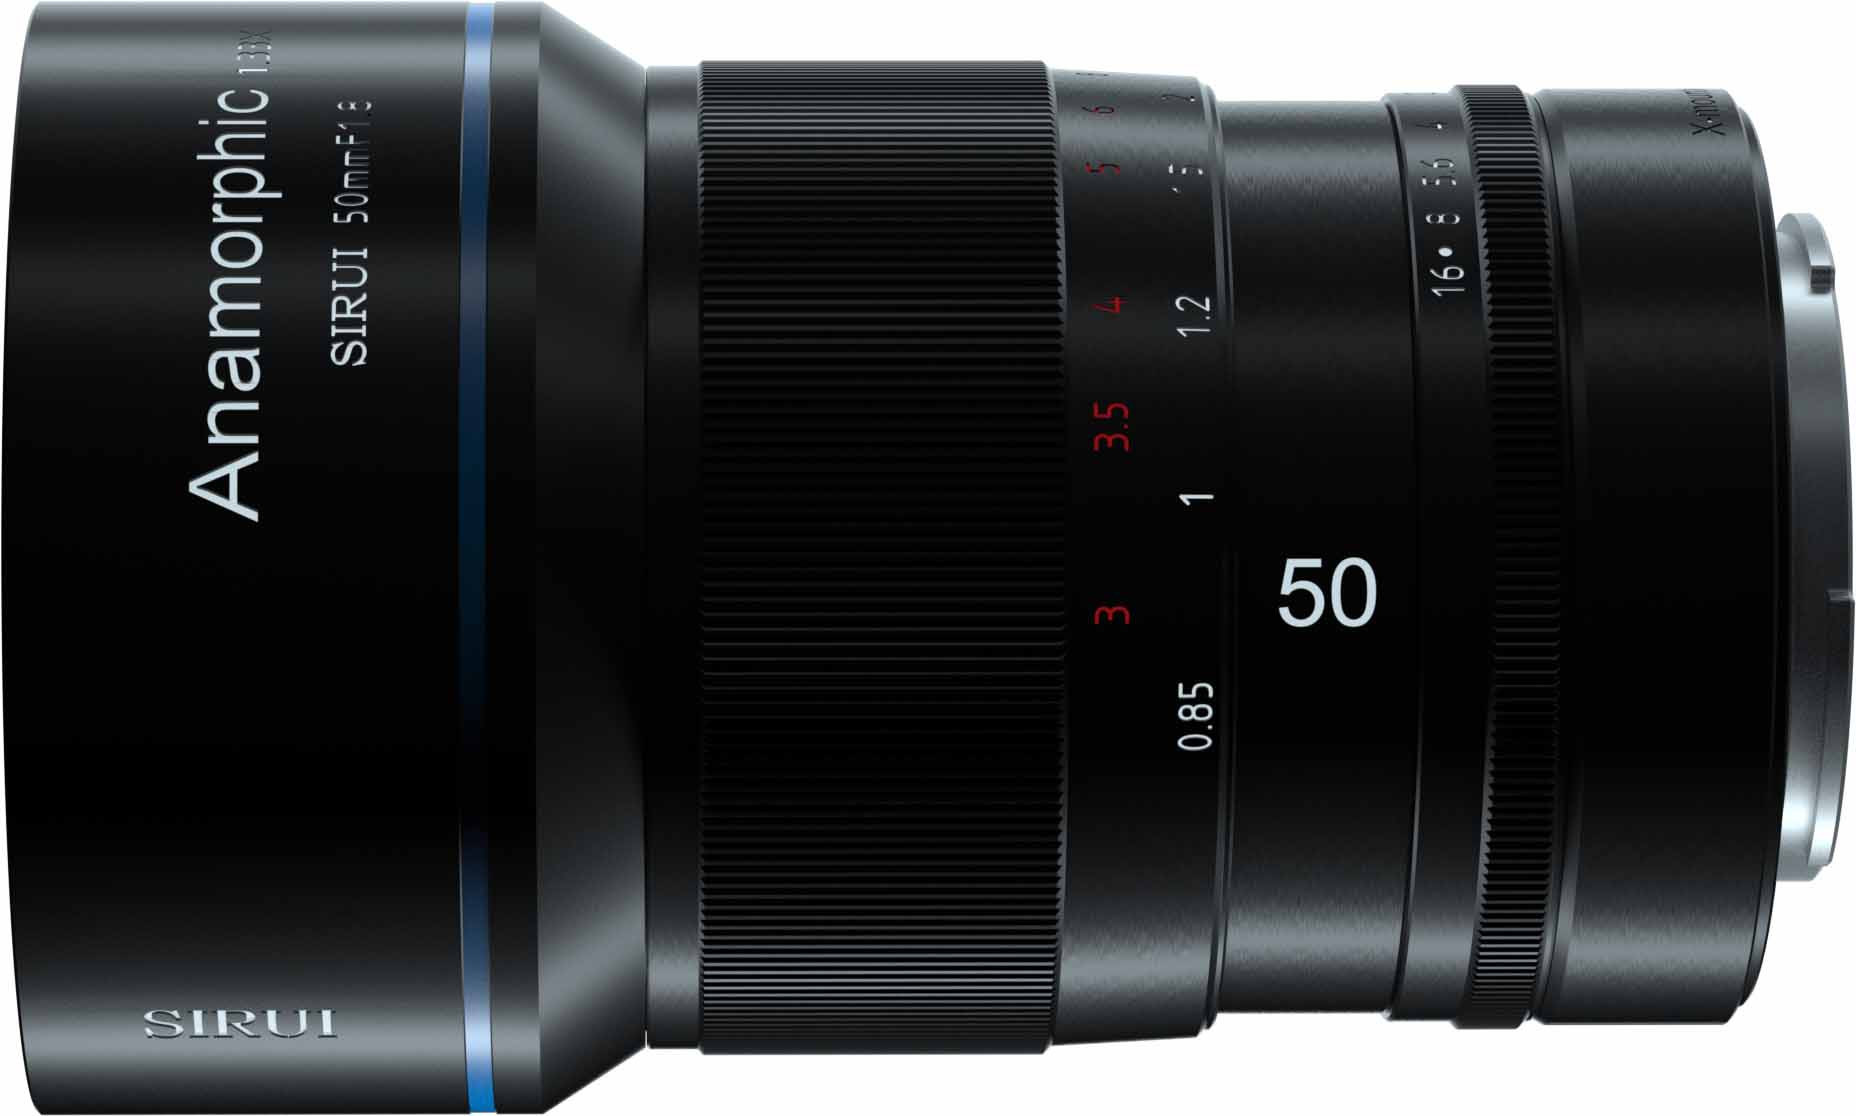 Sirui 50mm f/1.8 Anamorphic objektiiv Fujifilmile